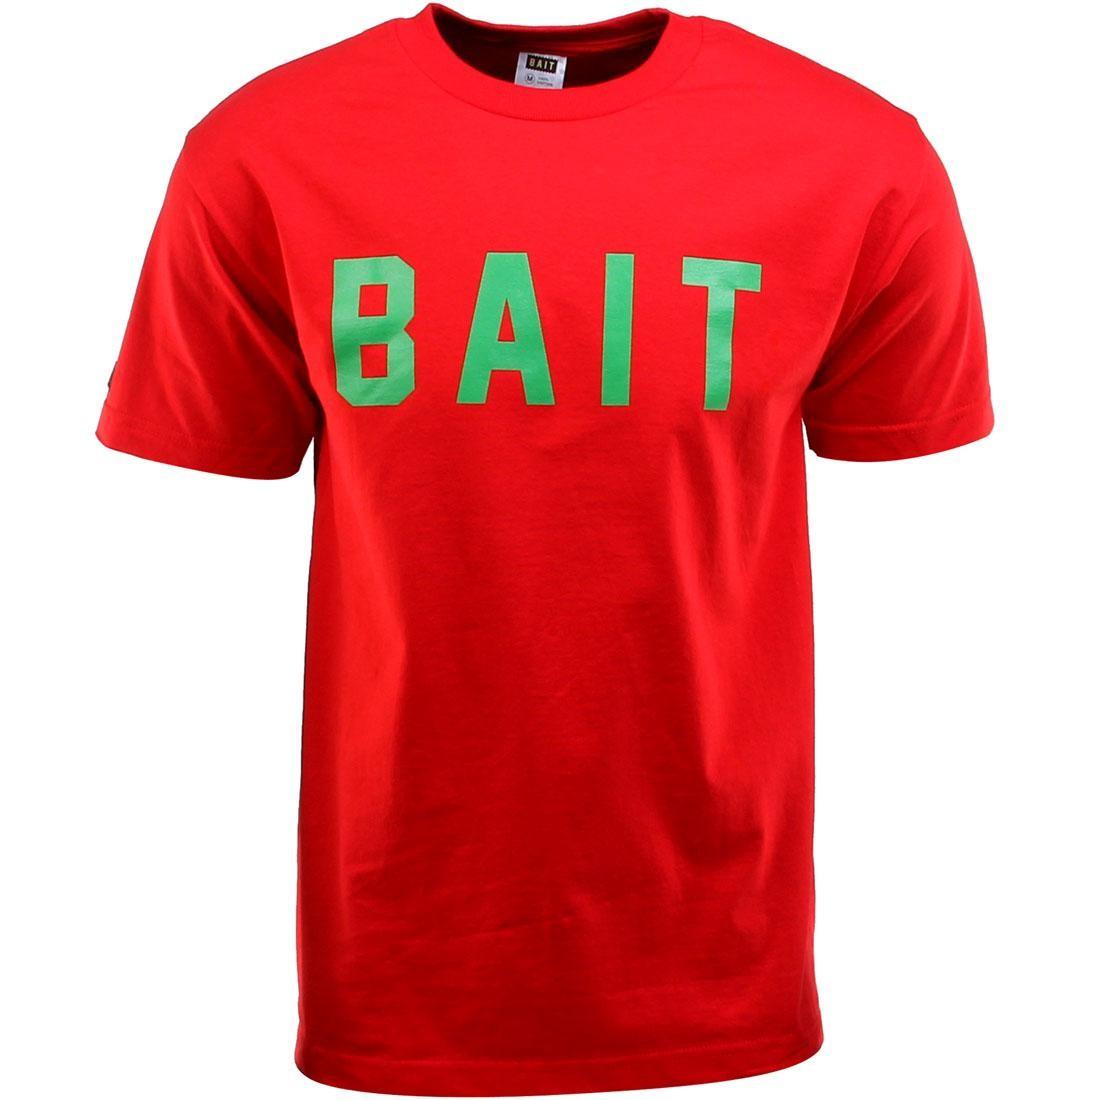 ロゴ Tシャツ 【 BAIT LOGO TEE RED GREEN 】 メンズファッション トップス カットソー 送料無料